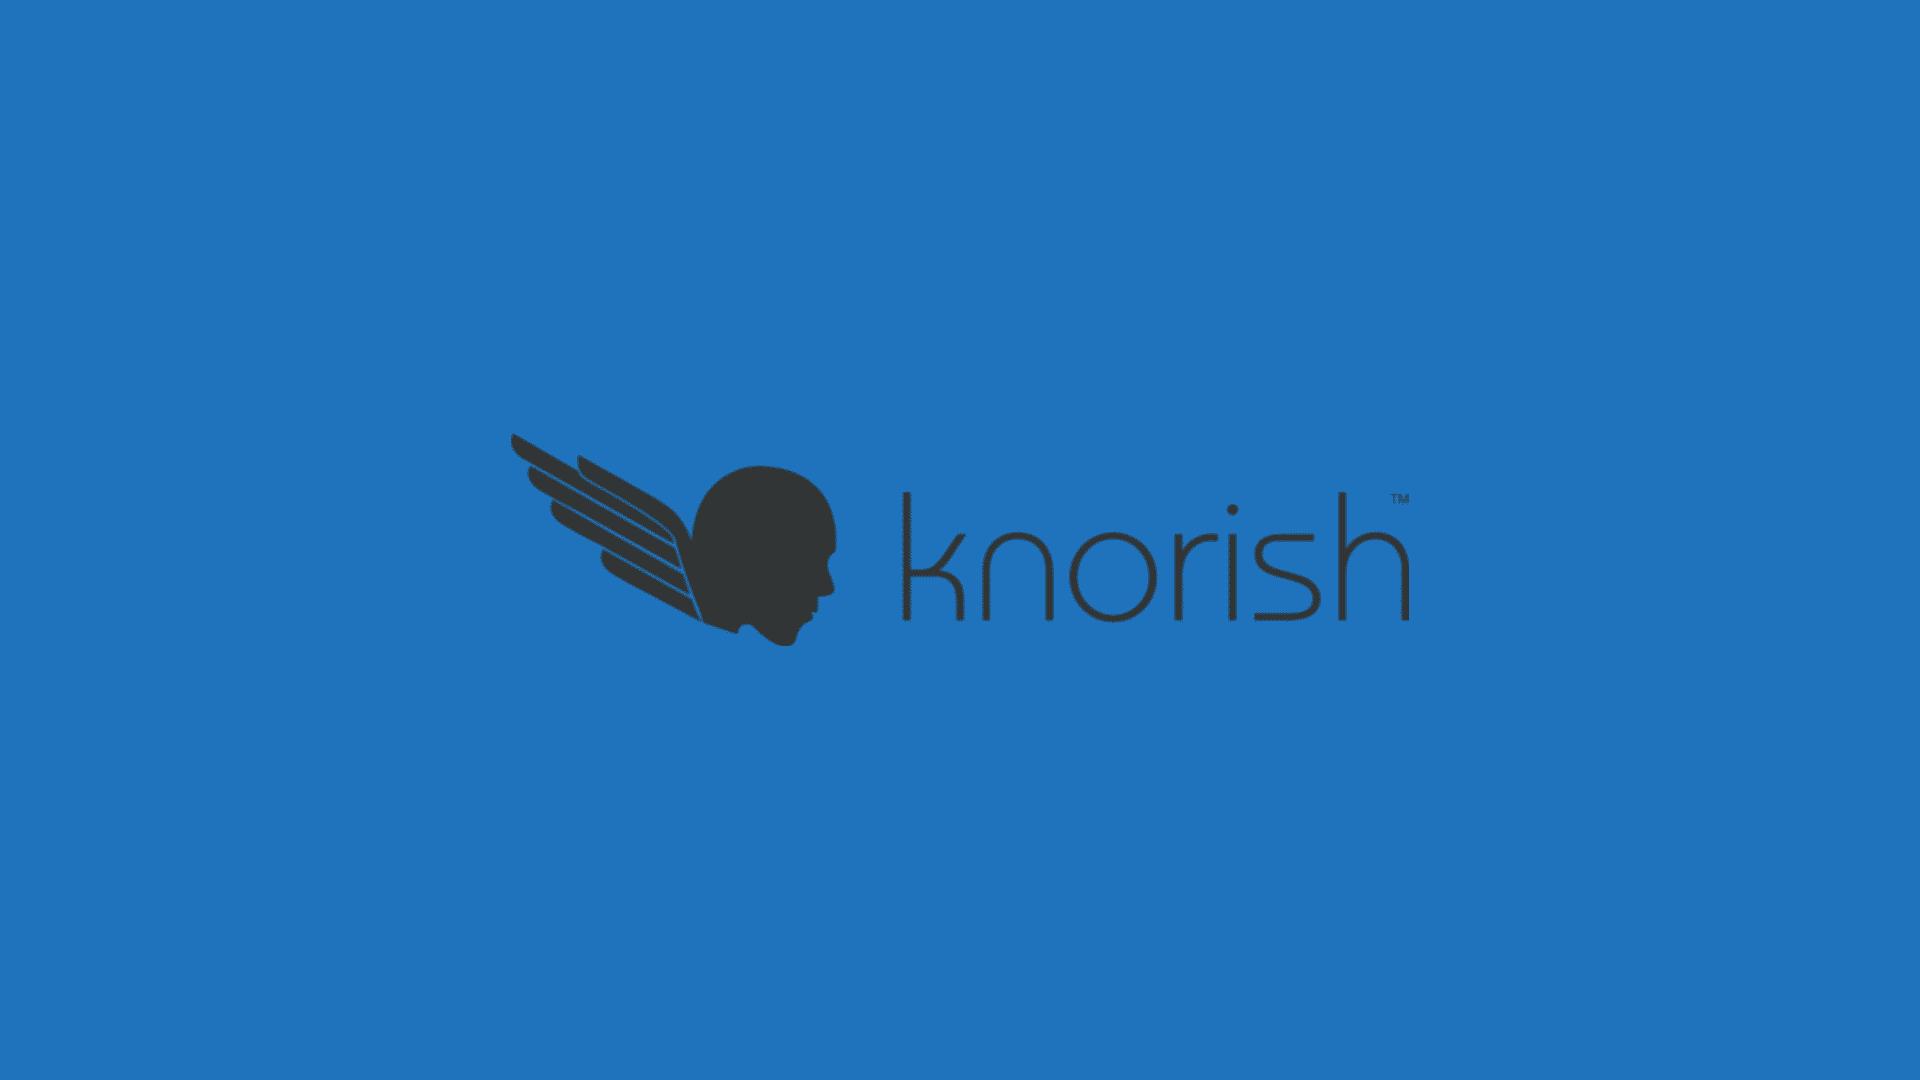 Knorish